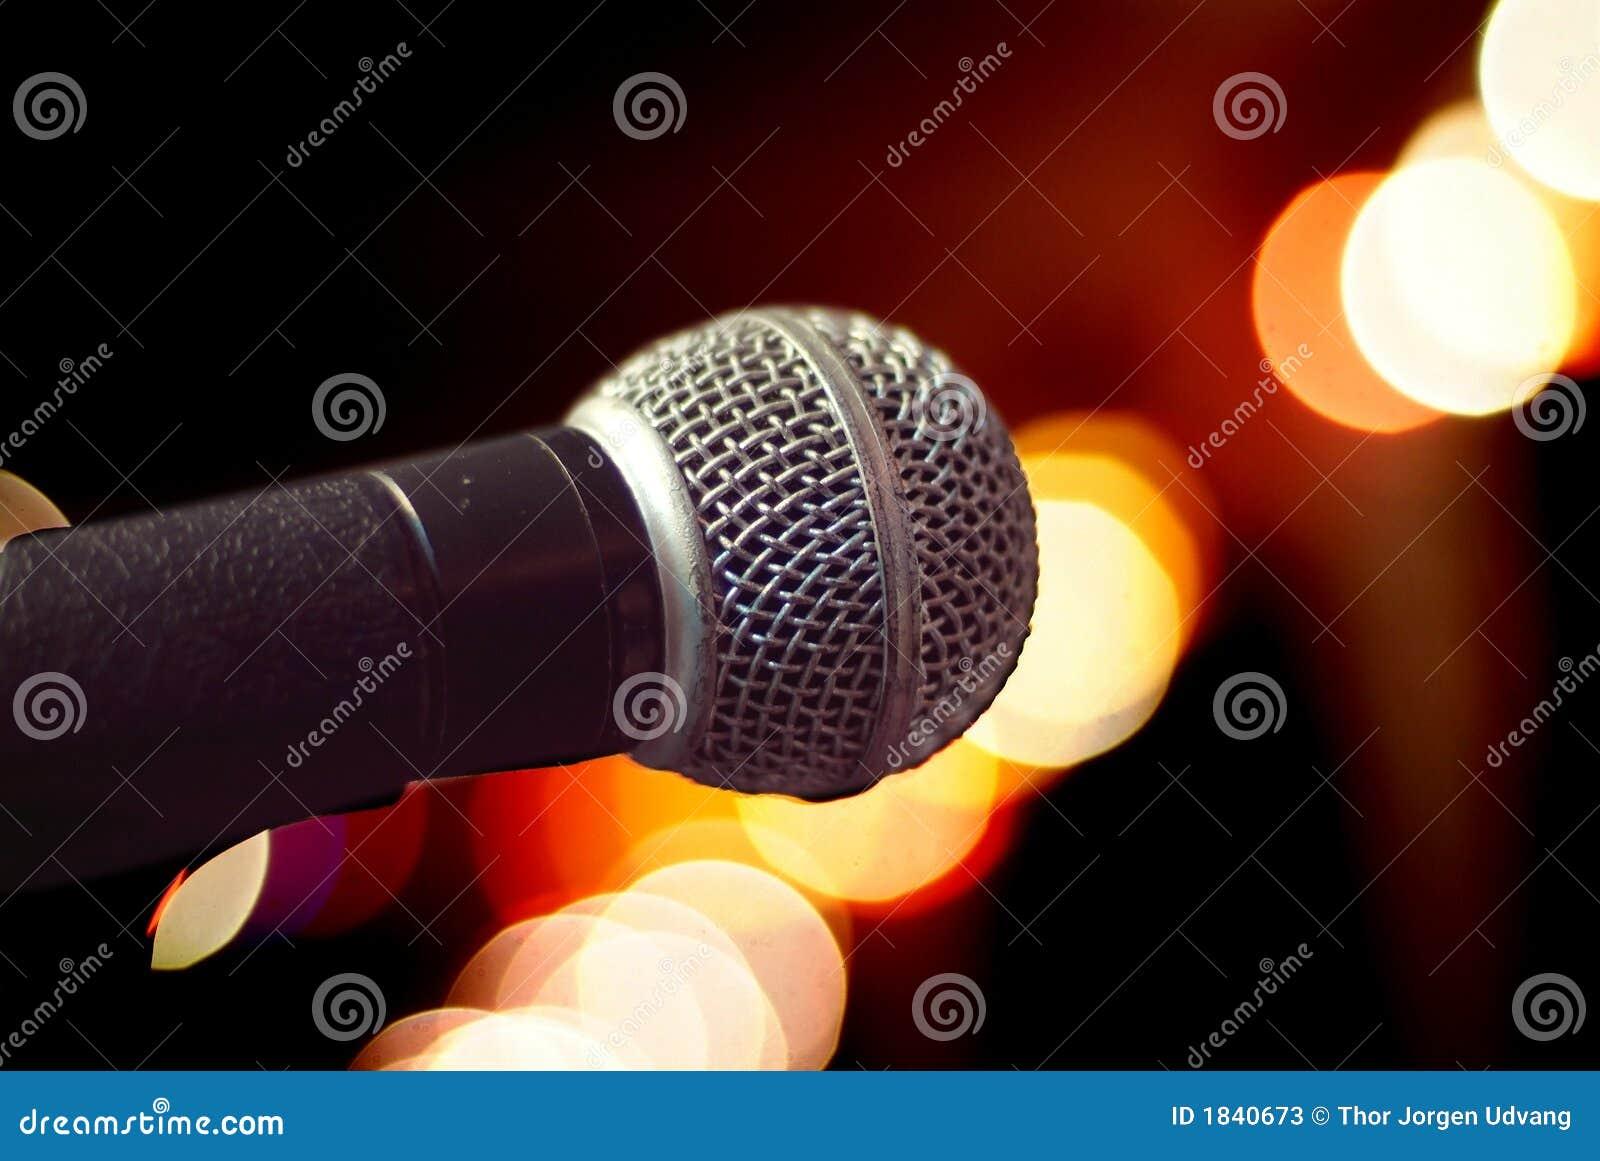 Mikrofonnahaufnahme